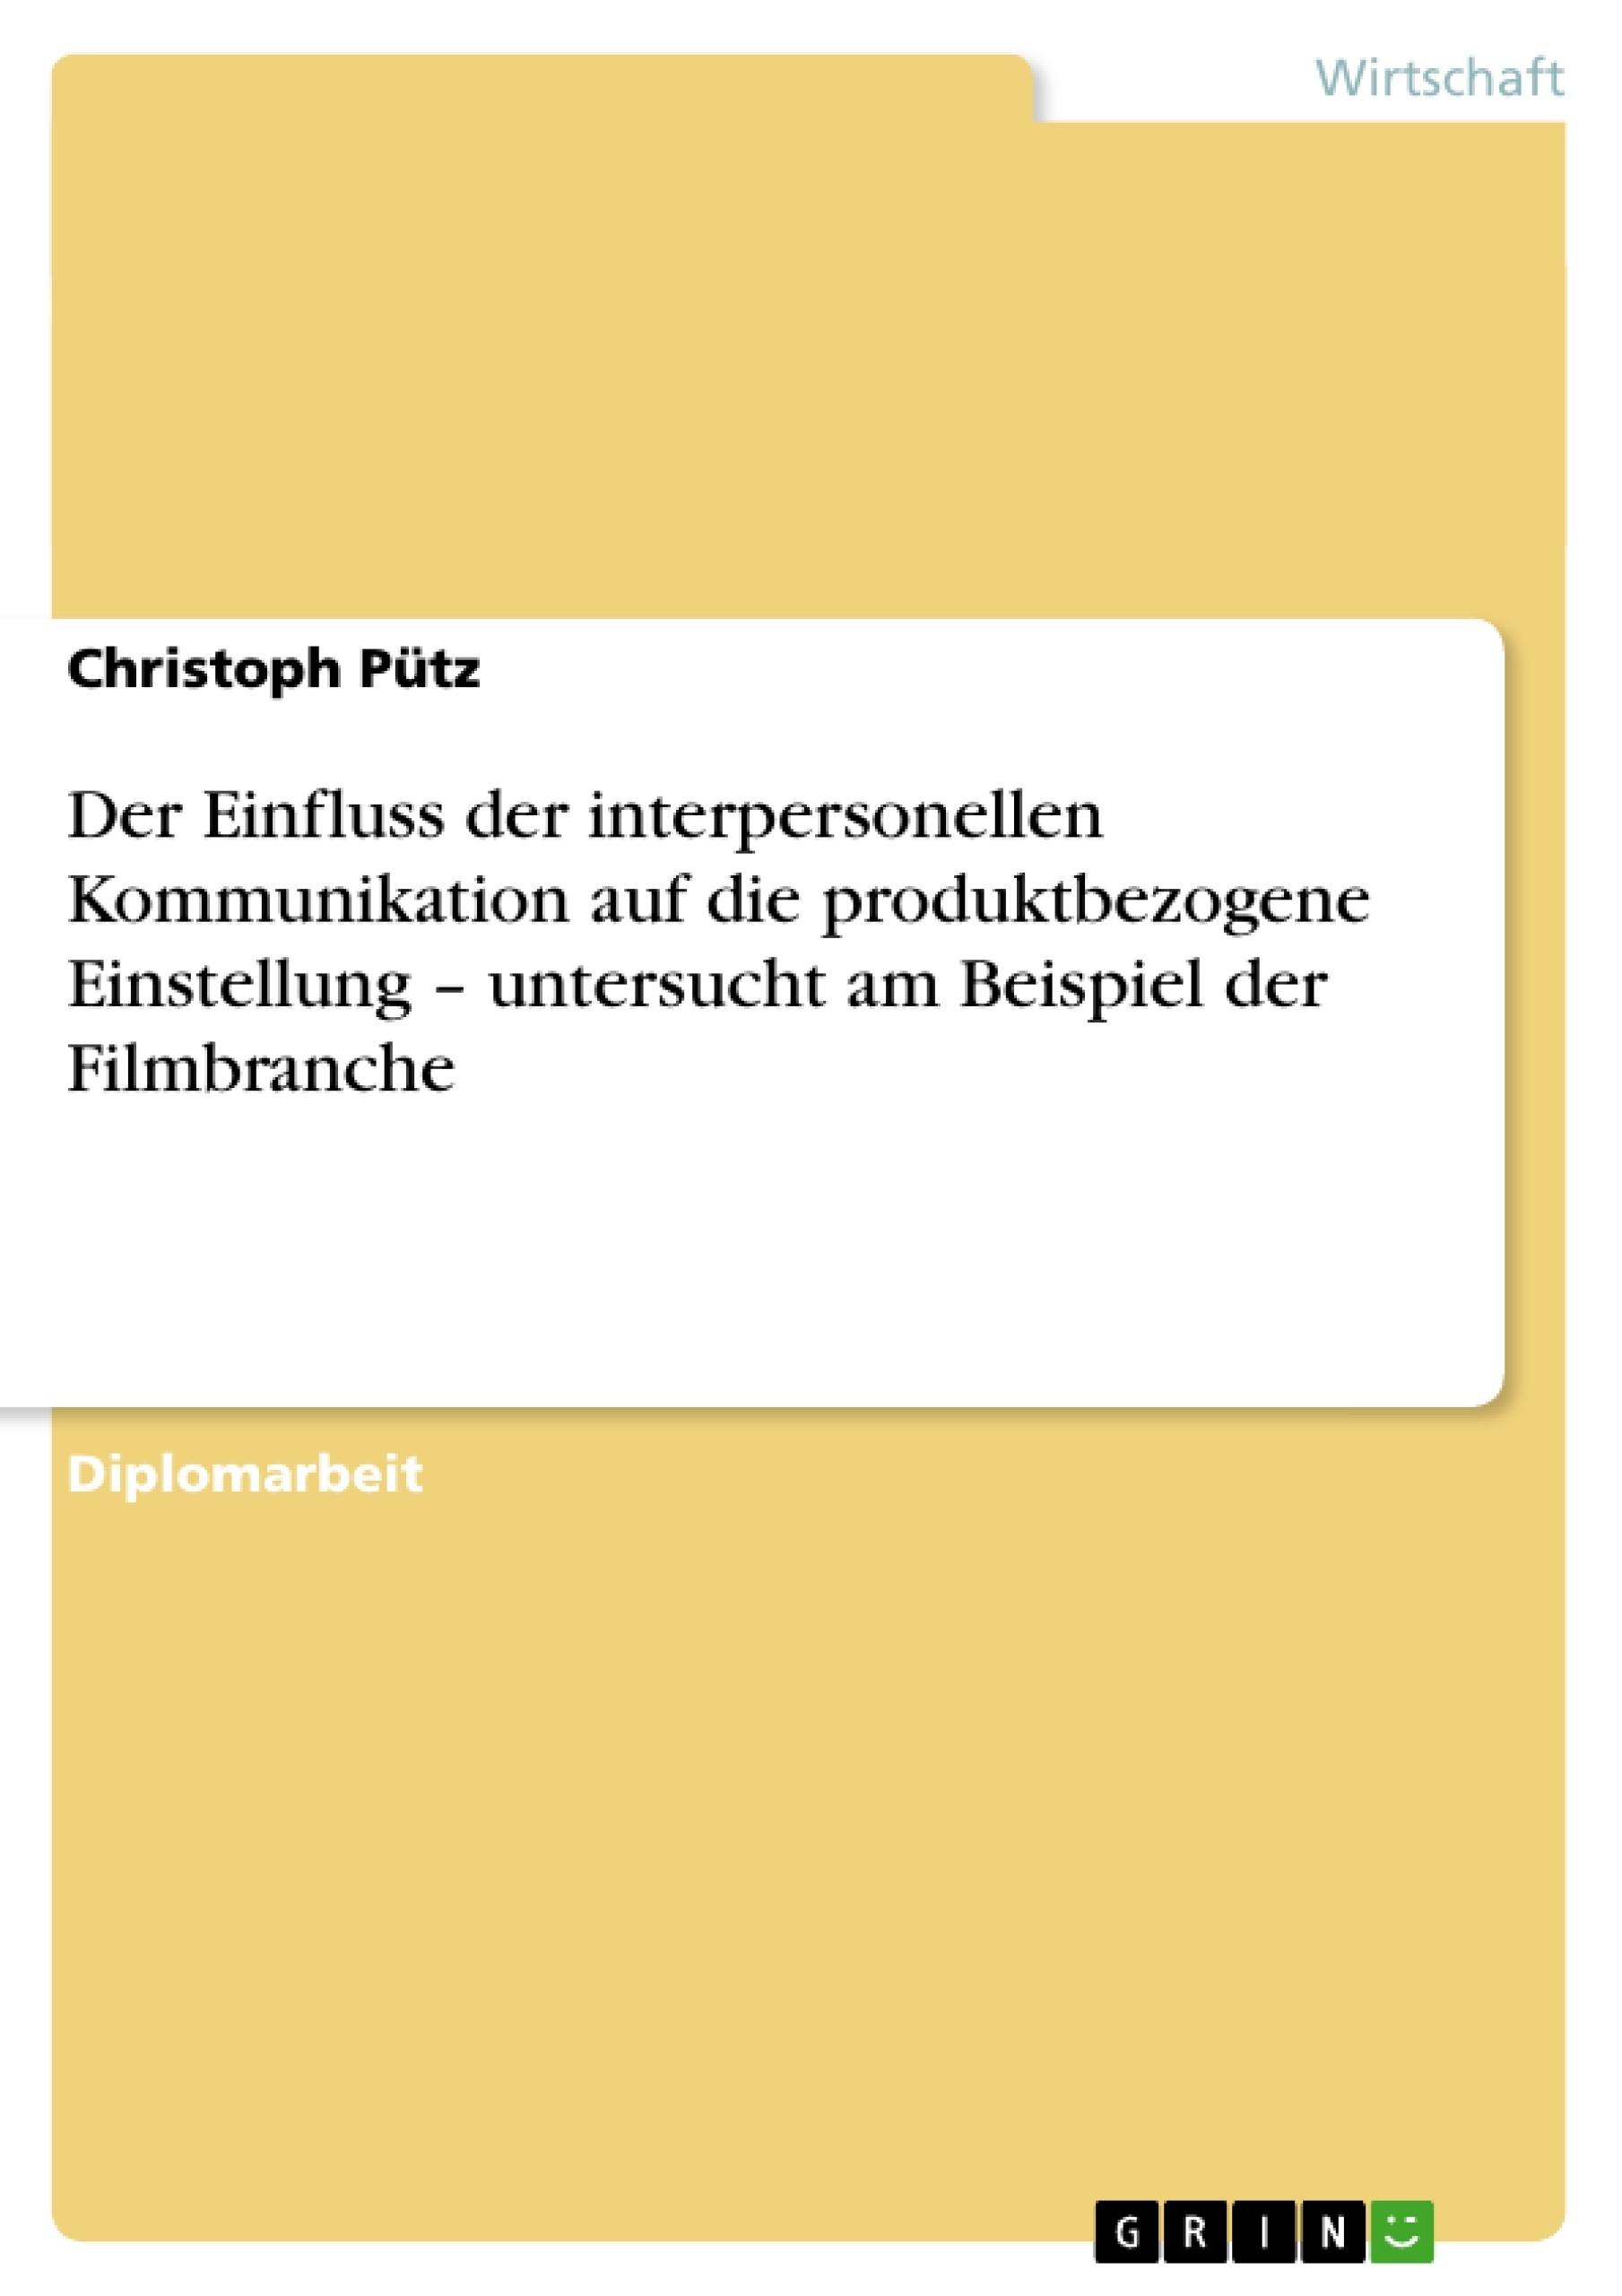 Titel: Der Einfluss der interpersonellen Kommunikation auf die produktbezogene Einstellung – untersucht am Beispiel der Filmbranche